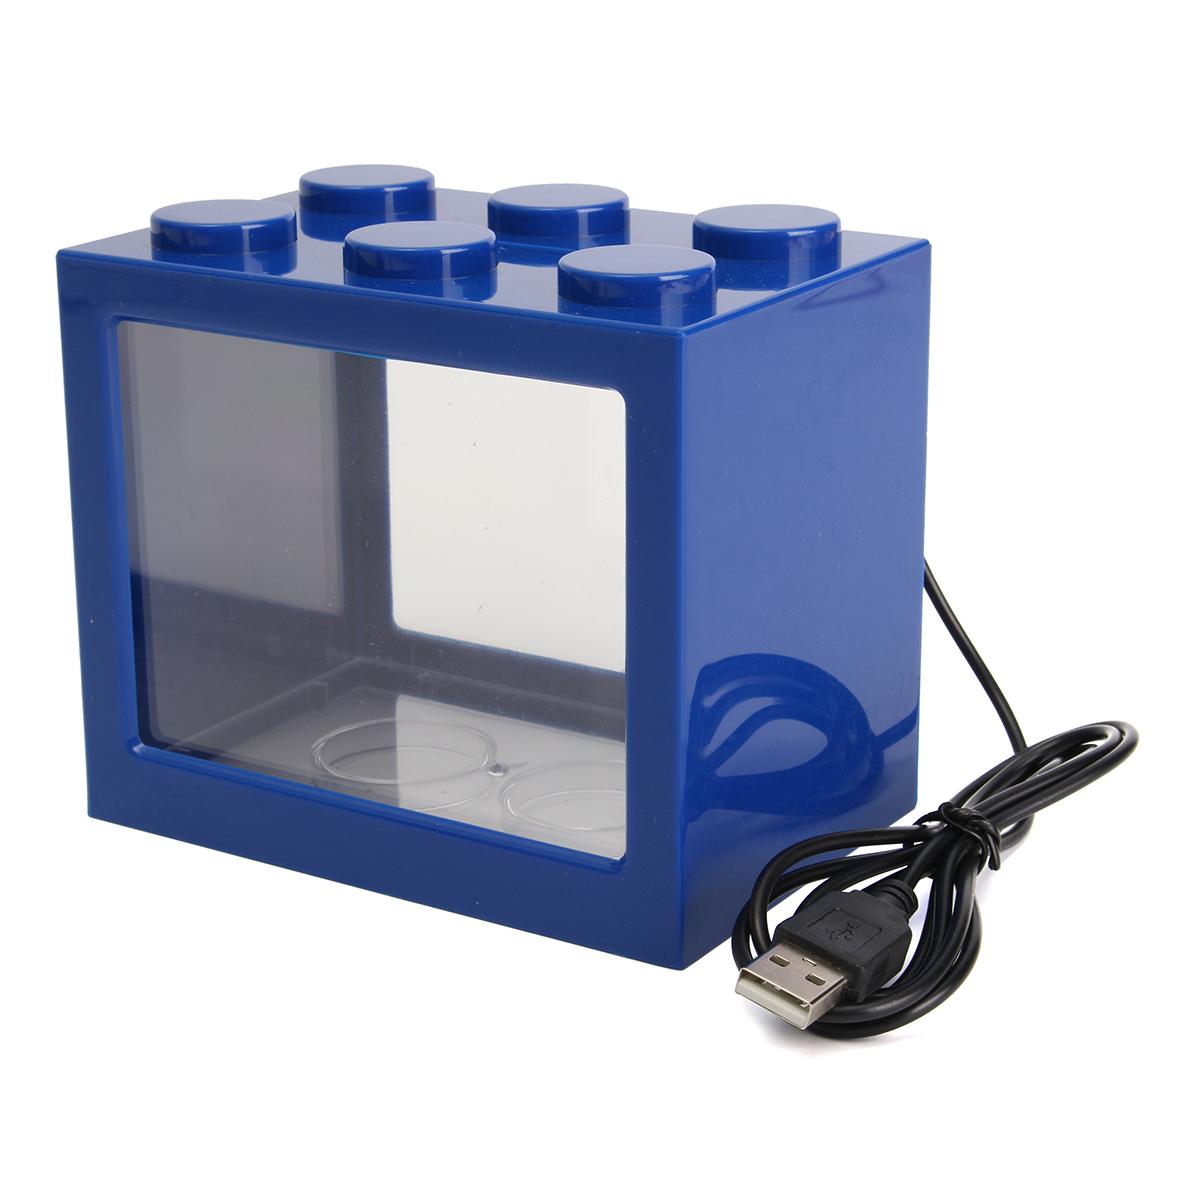 Mini usb led light clear fish tank mini aquarium box for Mini aquarium